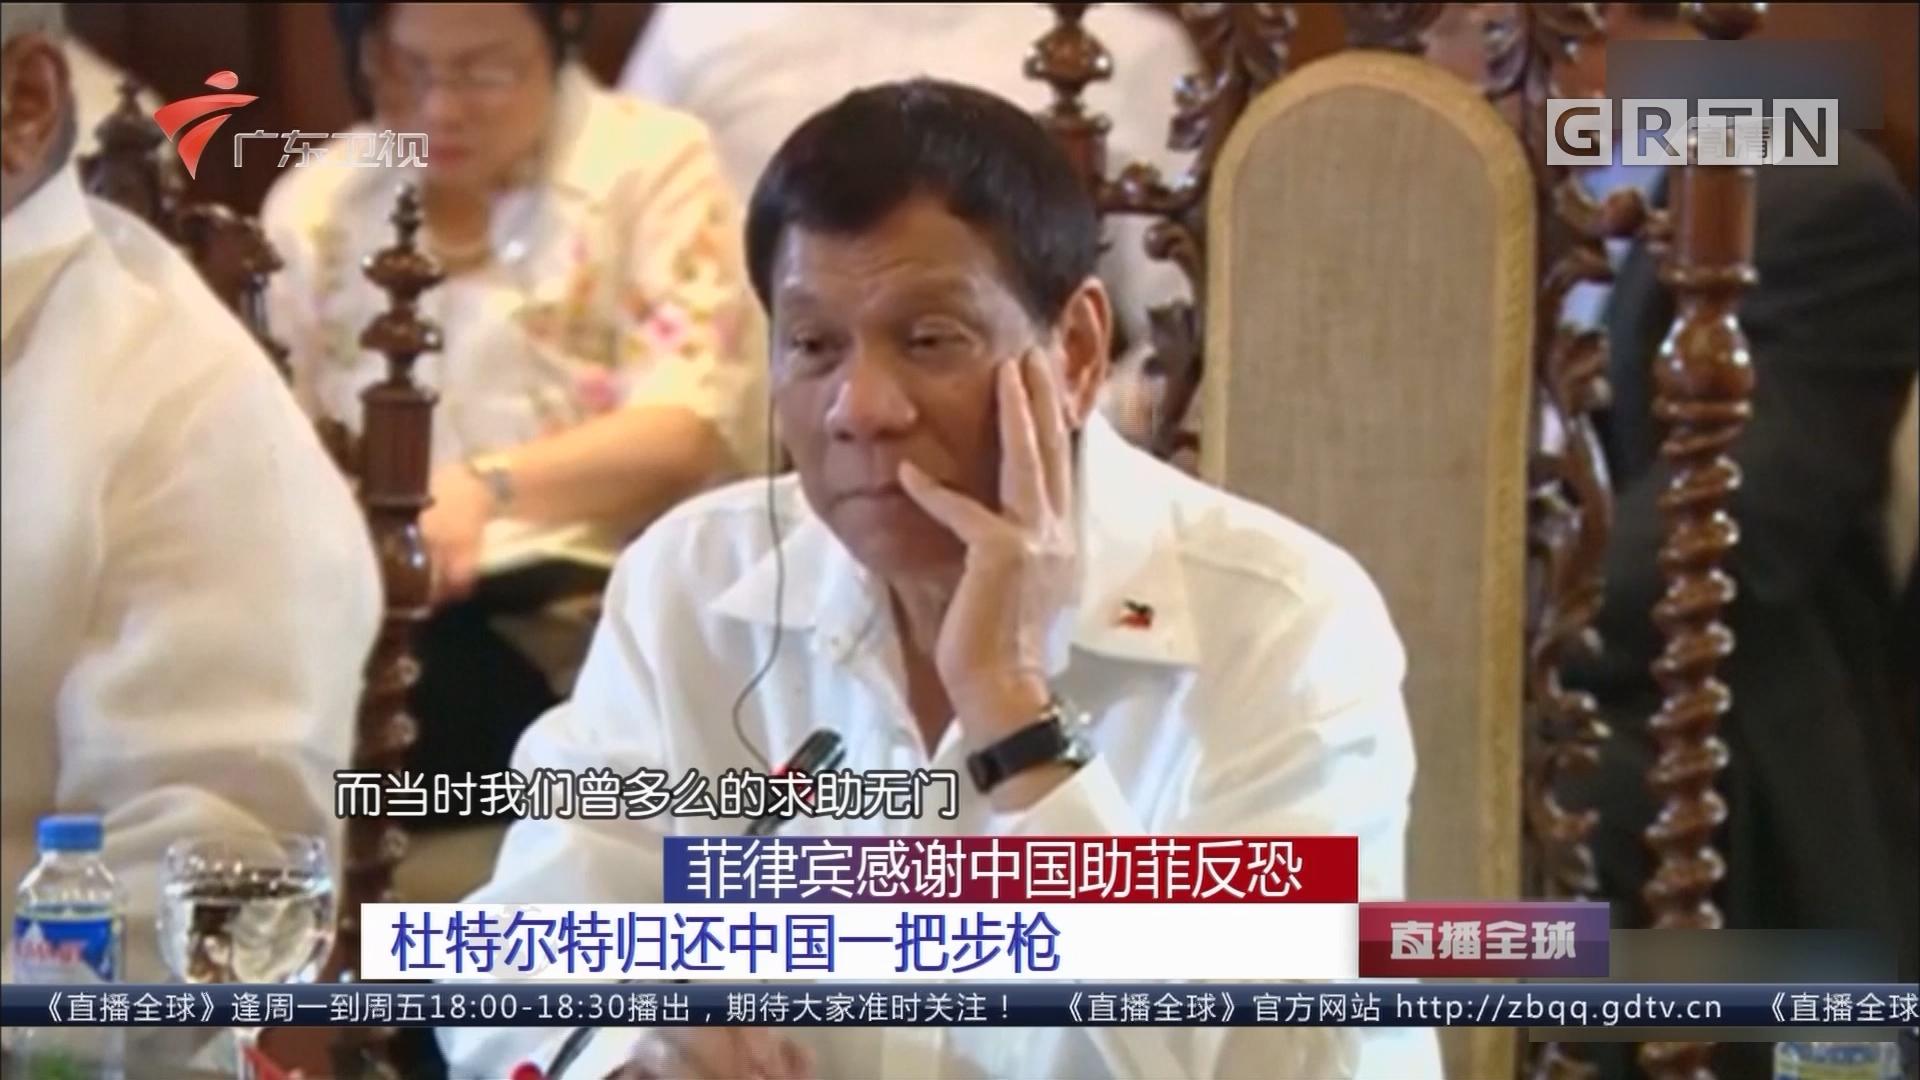 菲律宾感谢中国助菲反恐 杜特尔特归还中国一把步枪